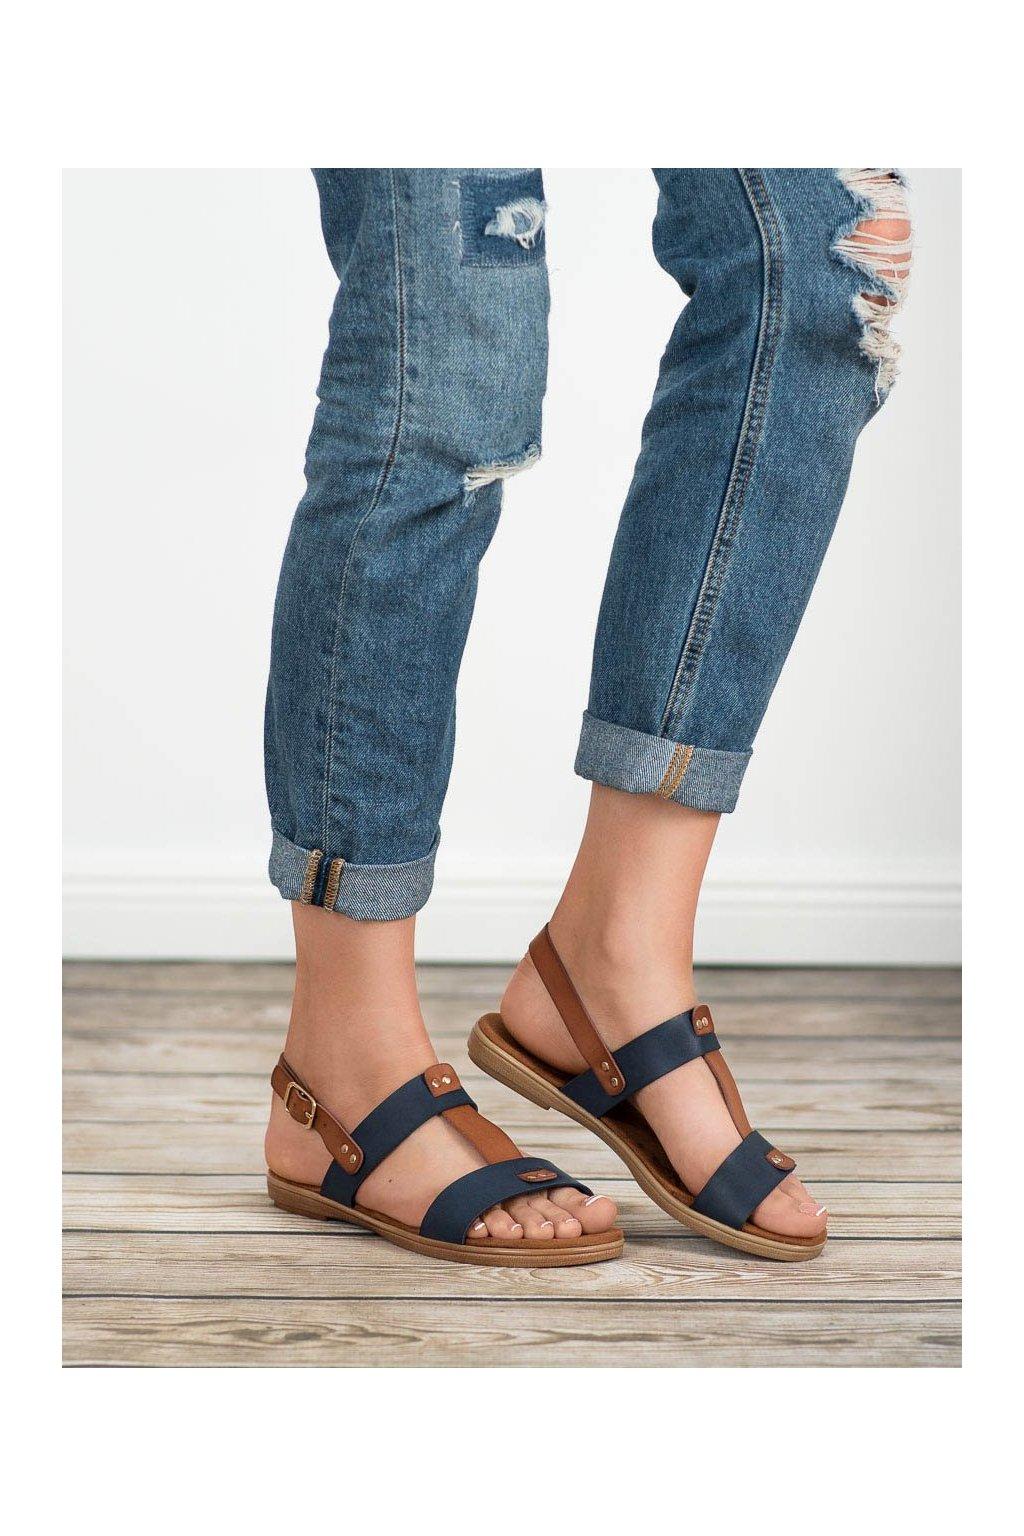 Modré sandále Evento NJSK 8SD35-0307BL